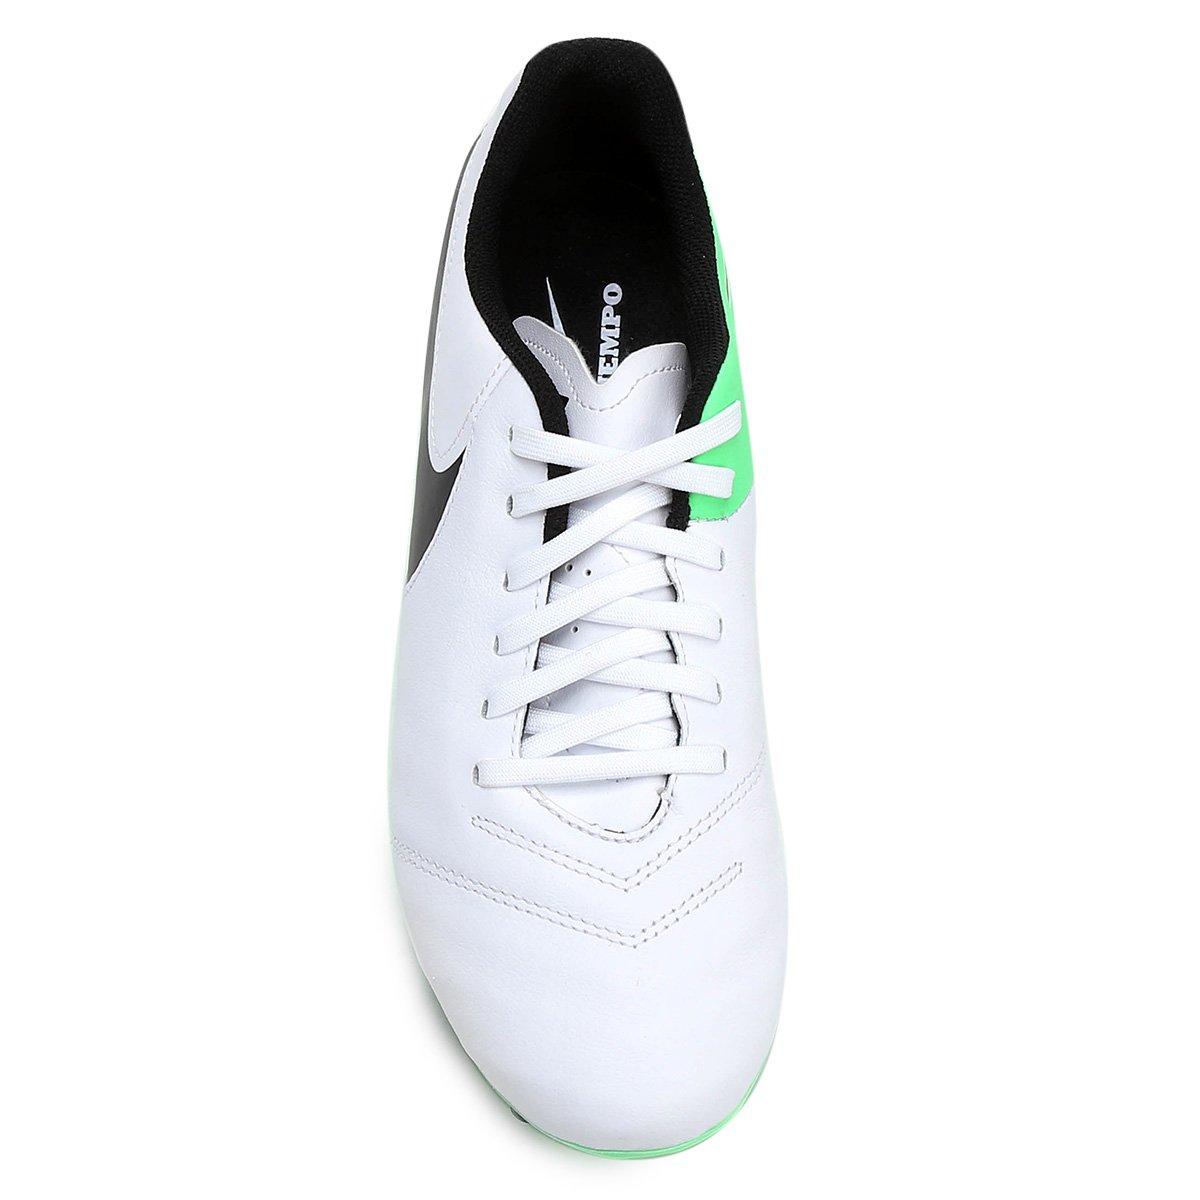 650ad4407d Chuteira Campo Nike Tiempo Genio 2 Leather FG - Compre Agora